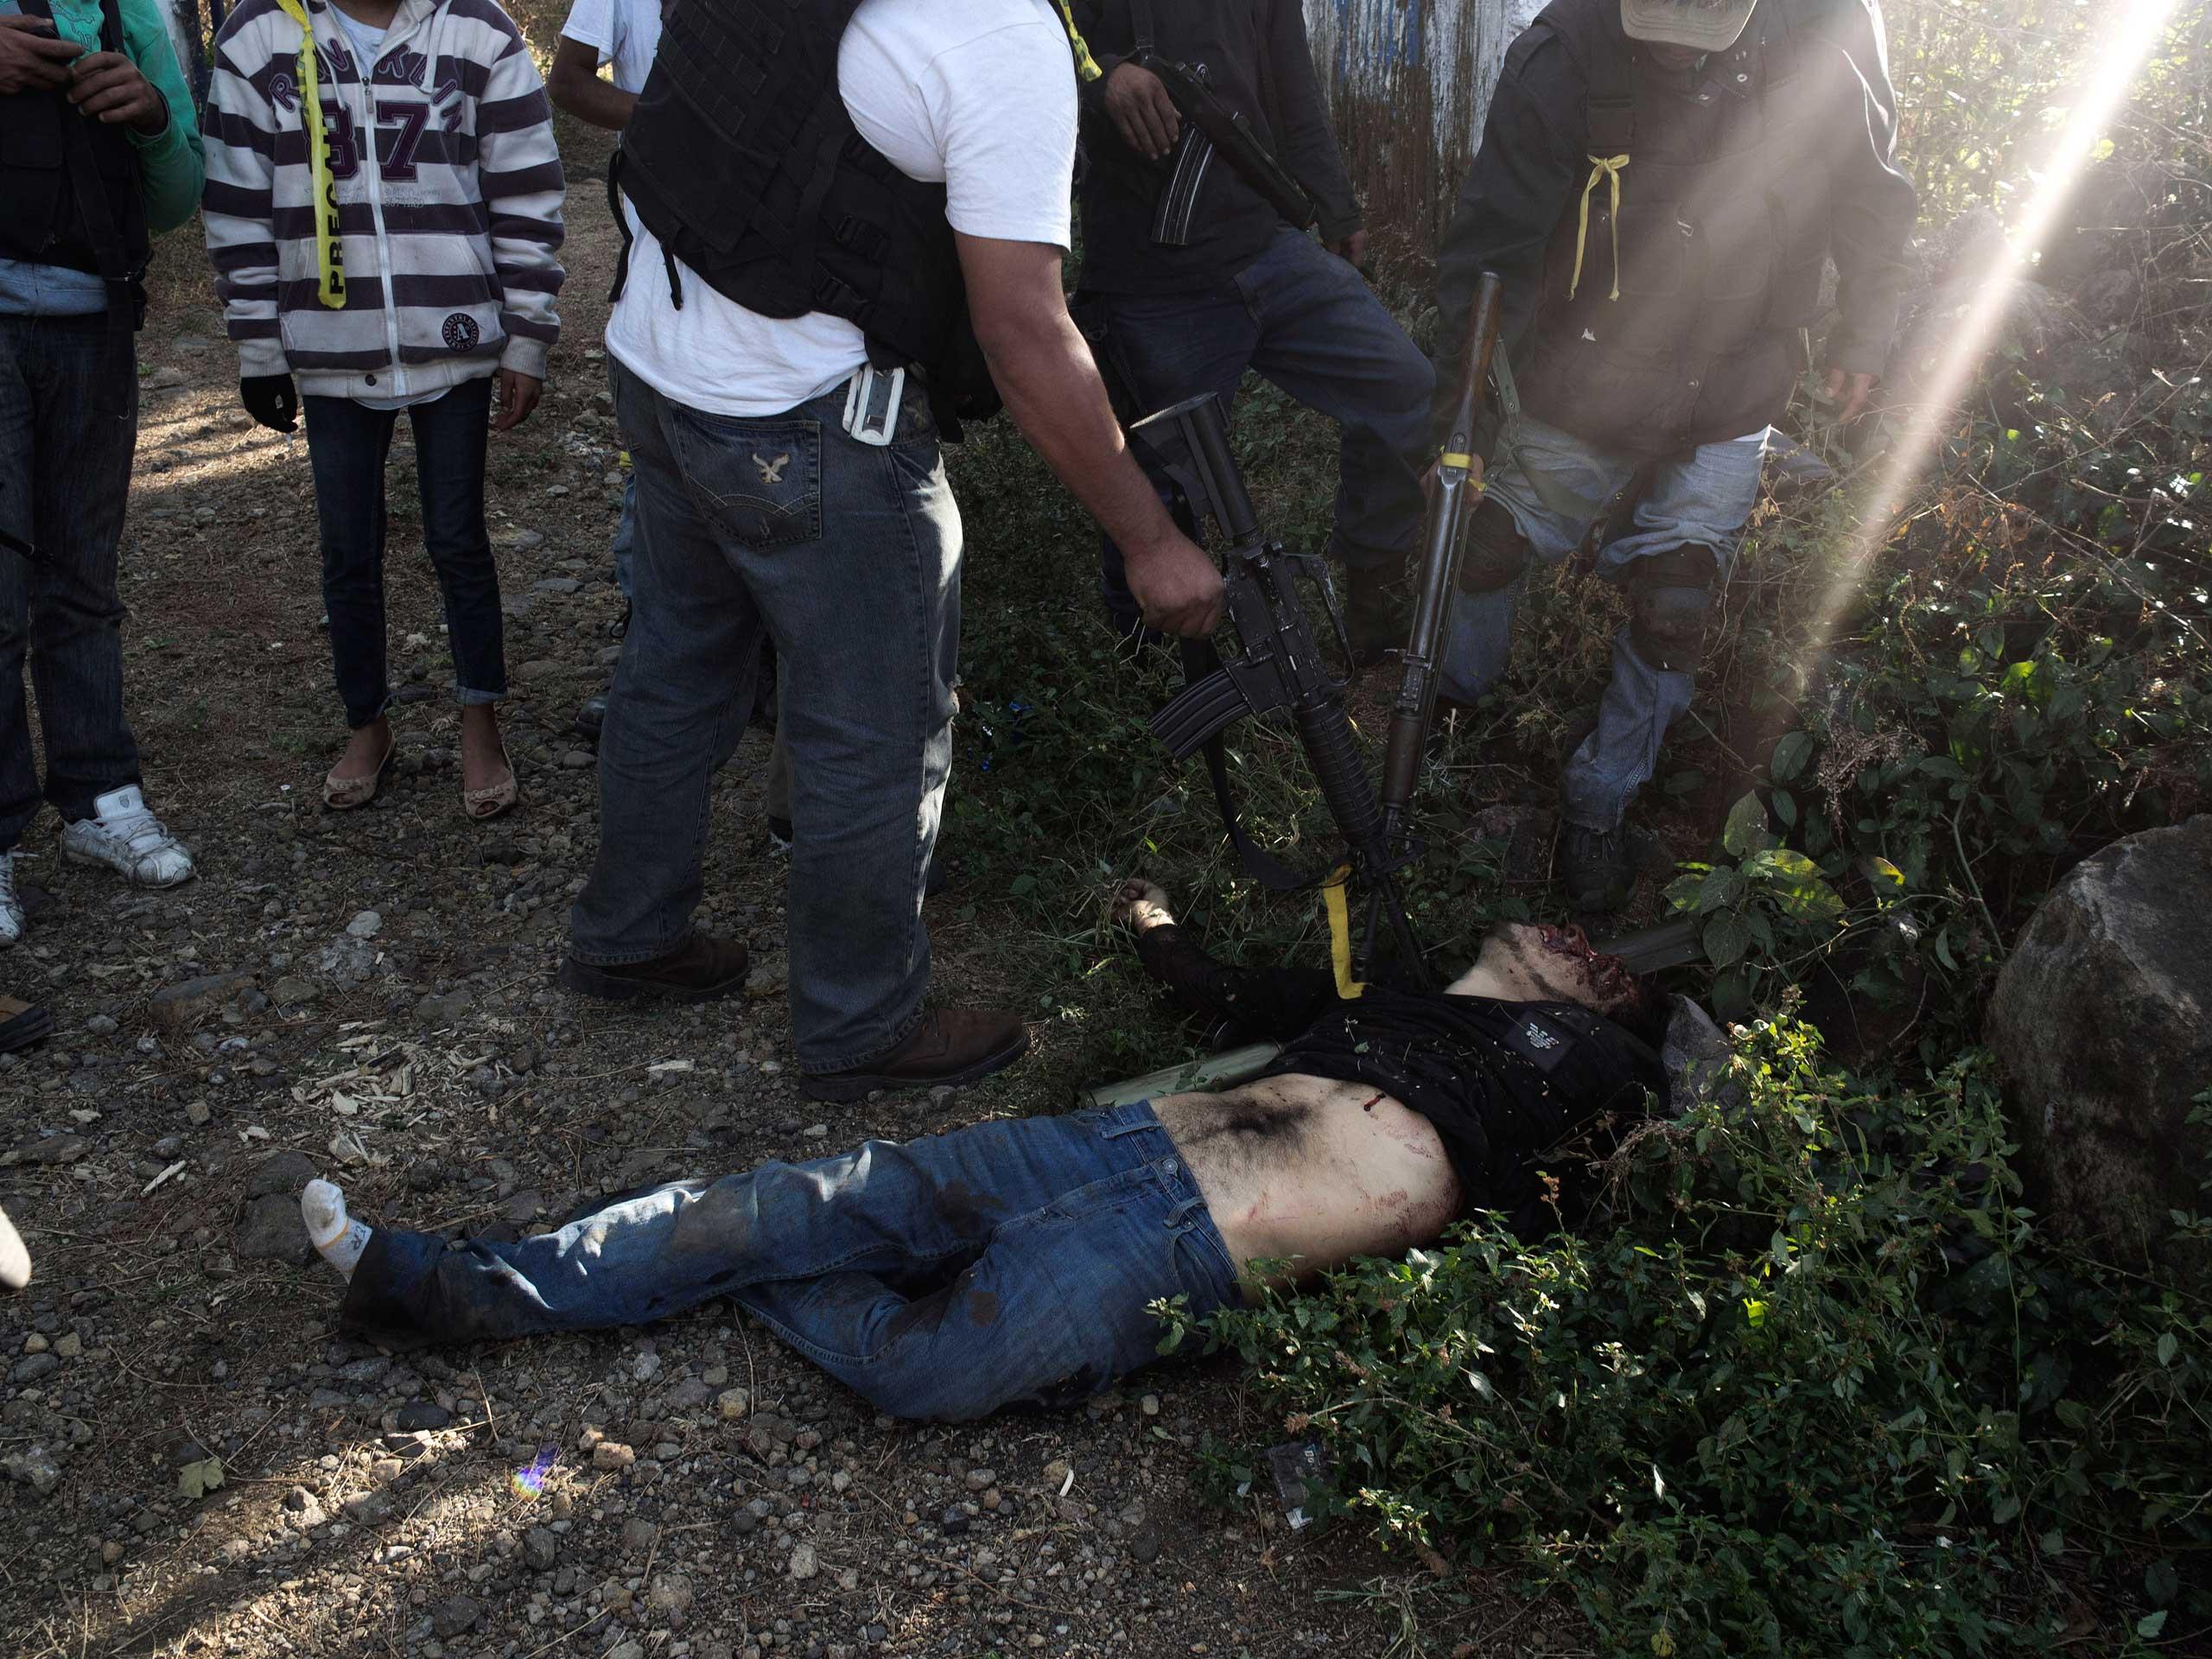 Jan. 5, 2014. A Knights Templar gunman shot dead by vigilantes during a 40-minute shootout at the entrance of Paracuaro, Michoac‡n.